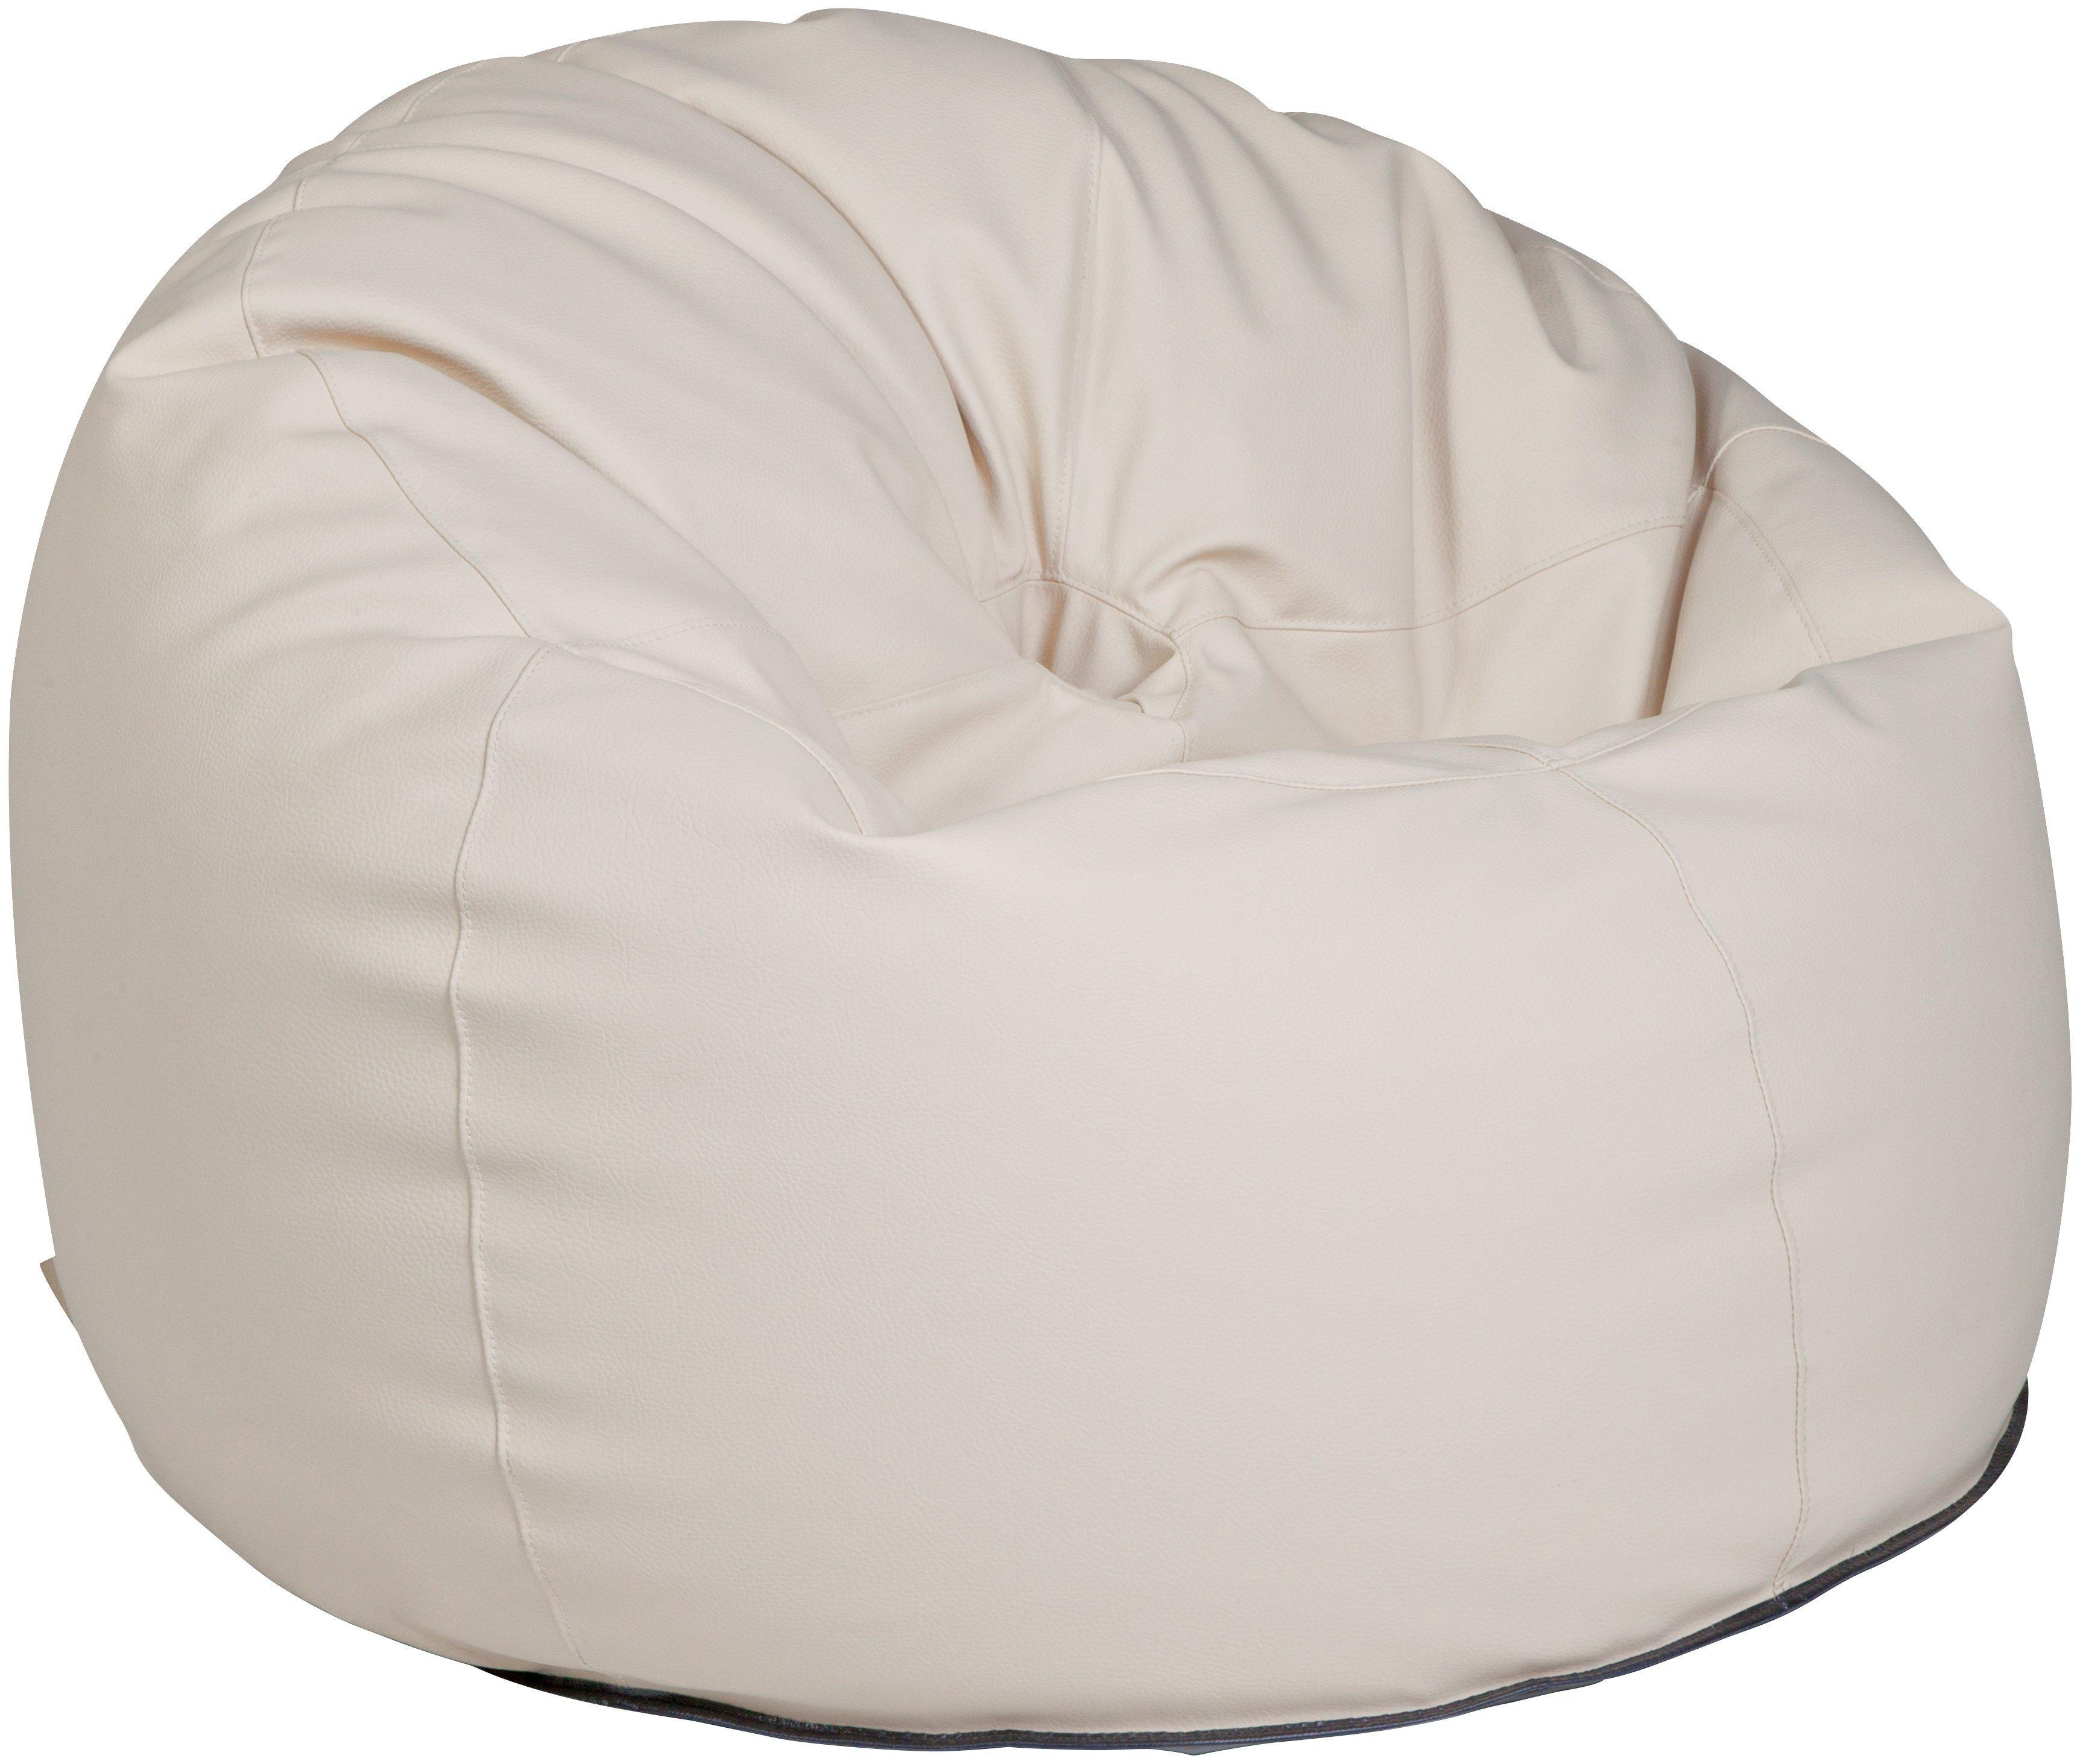 OUTBAG Sitzsack »Donut Skin«, wetterfest, für den Außenbereich, Ø: 90 cm | Wohnzimmer > Sessel > Sitzsaecke | Polyester | OUTBAG